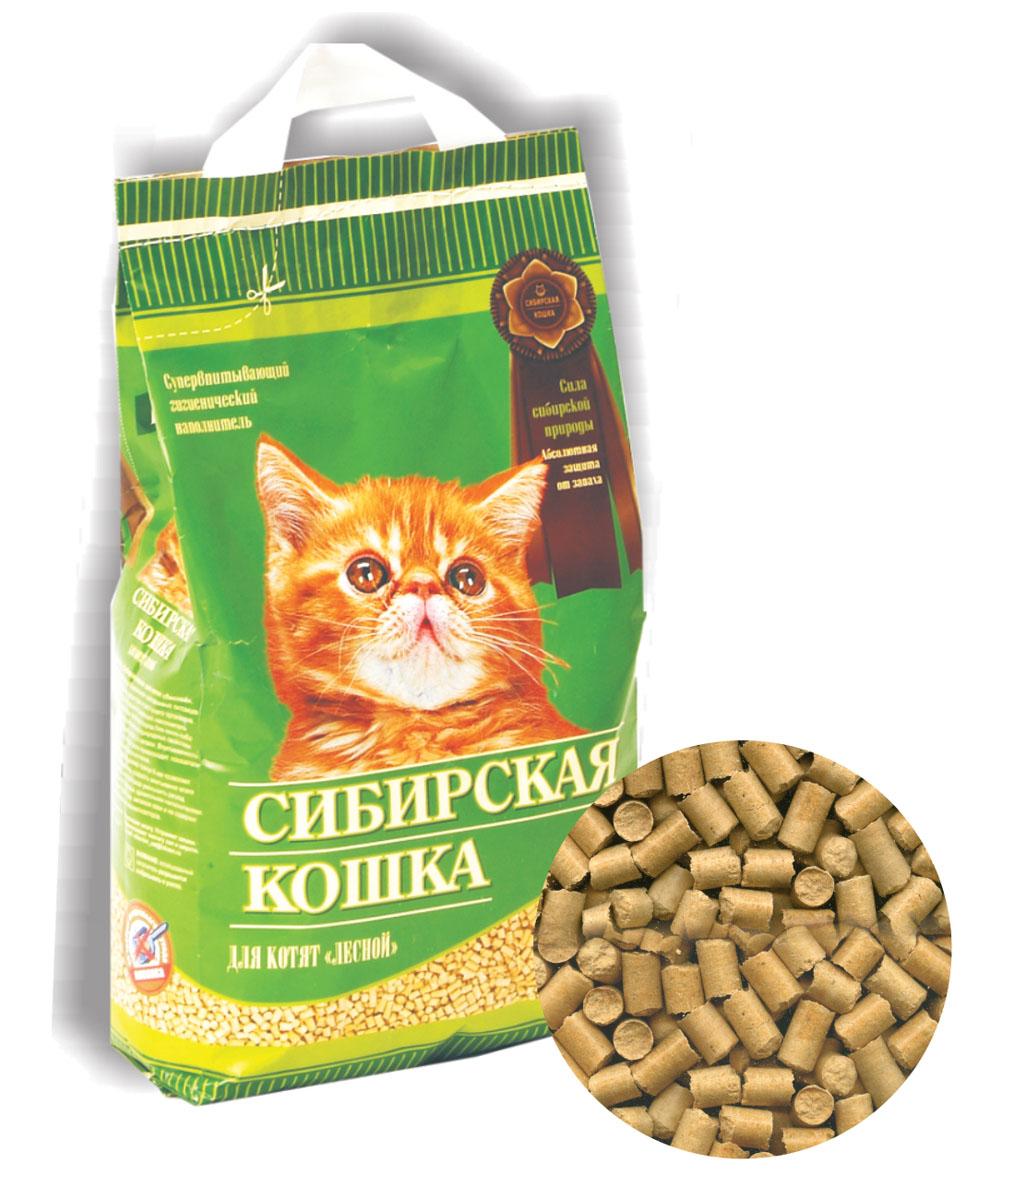 Наполнитель для кошачьих туалетов Сибирская Кошка Лесной для котят, 5 л древесный наполнитель сибирская кошка лесной для кошек 3л